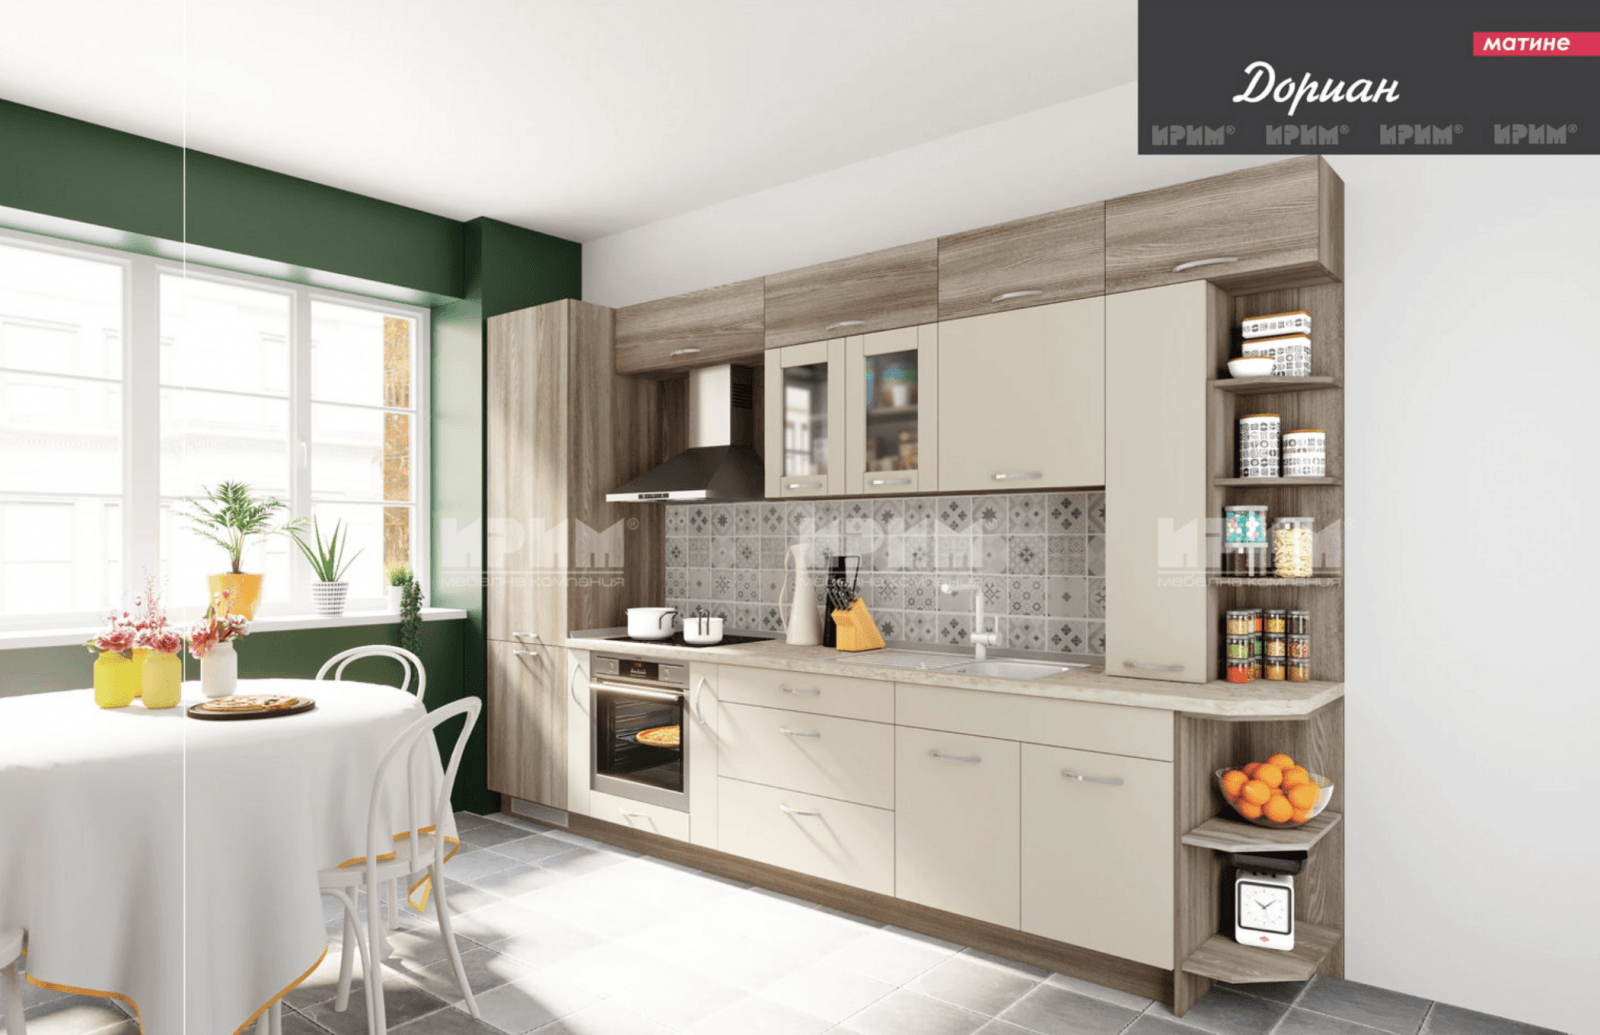 Кухня Дориан мебели ИРИМ